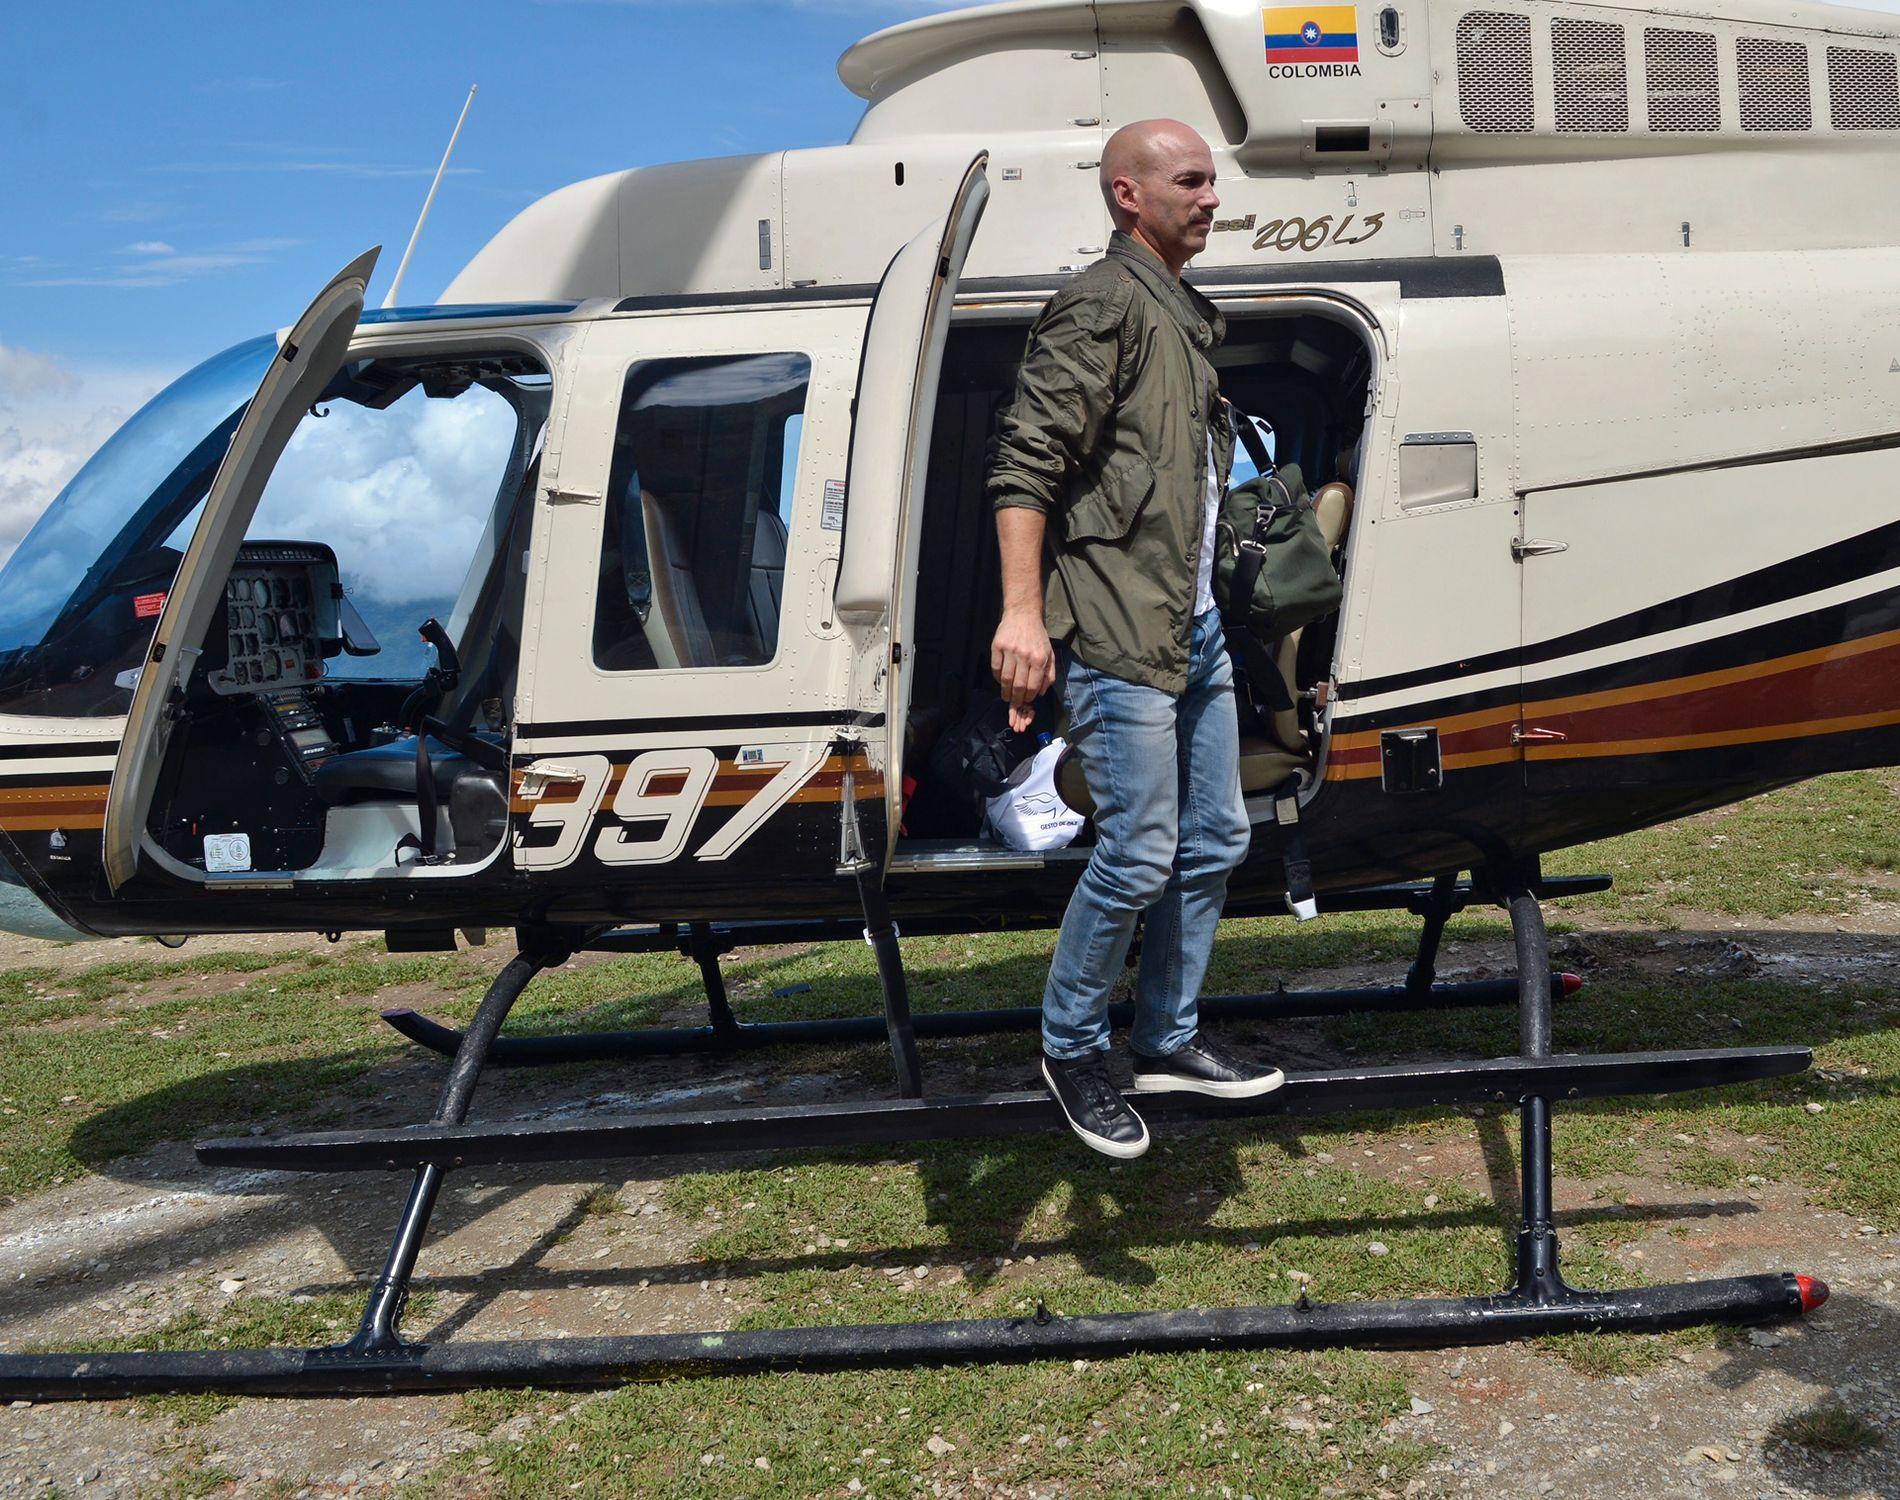 SPESIALOPPDRAG: Norges spesialutsending Dag Nylander har i fire å jobbet for fred i Colombia. Mandag reiser han til Havana i et forsøk på å redde fredsavtalen. Foto: Privat.